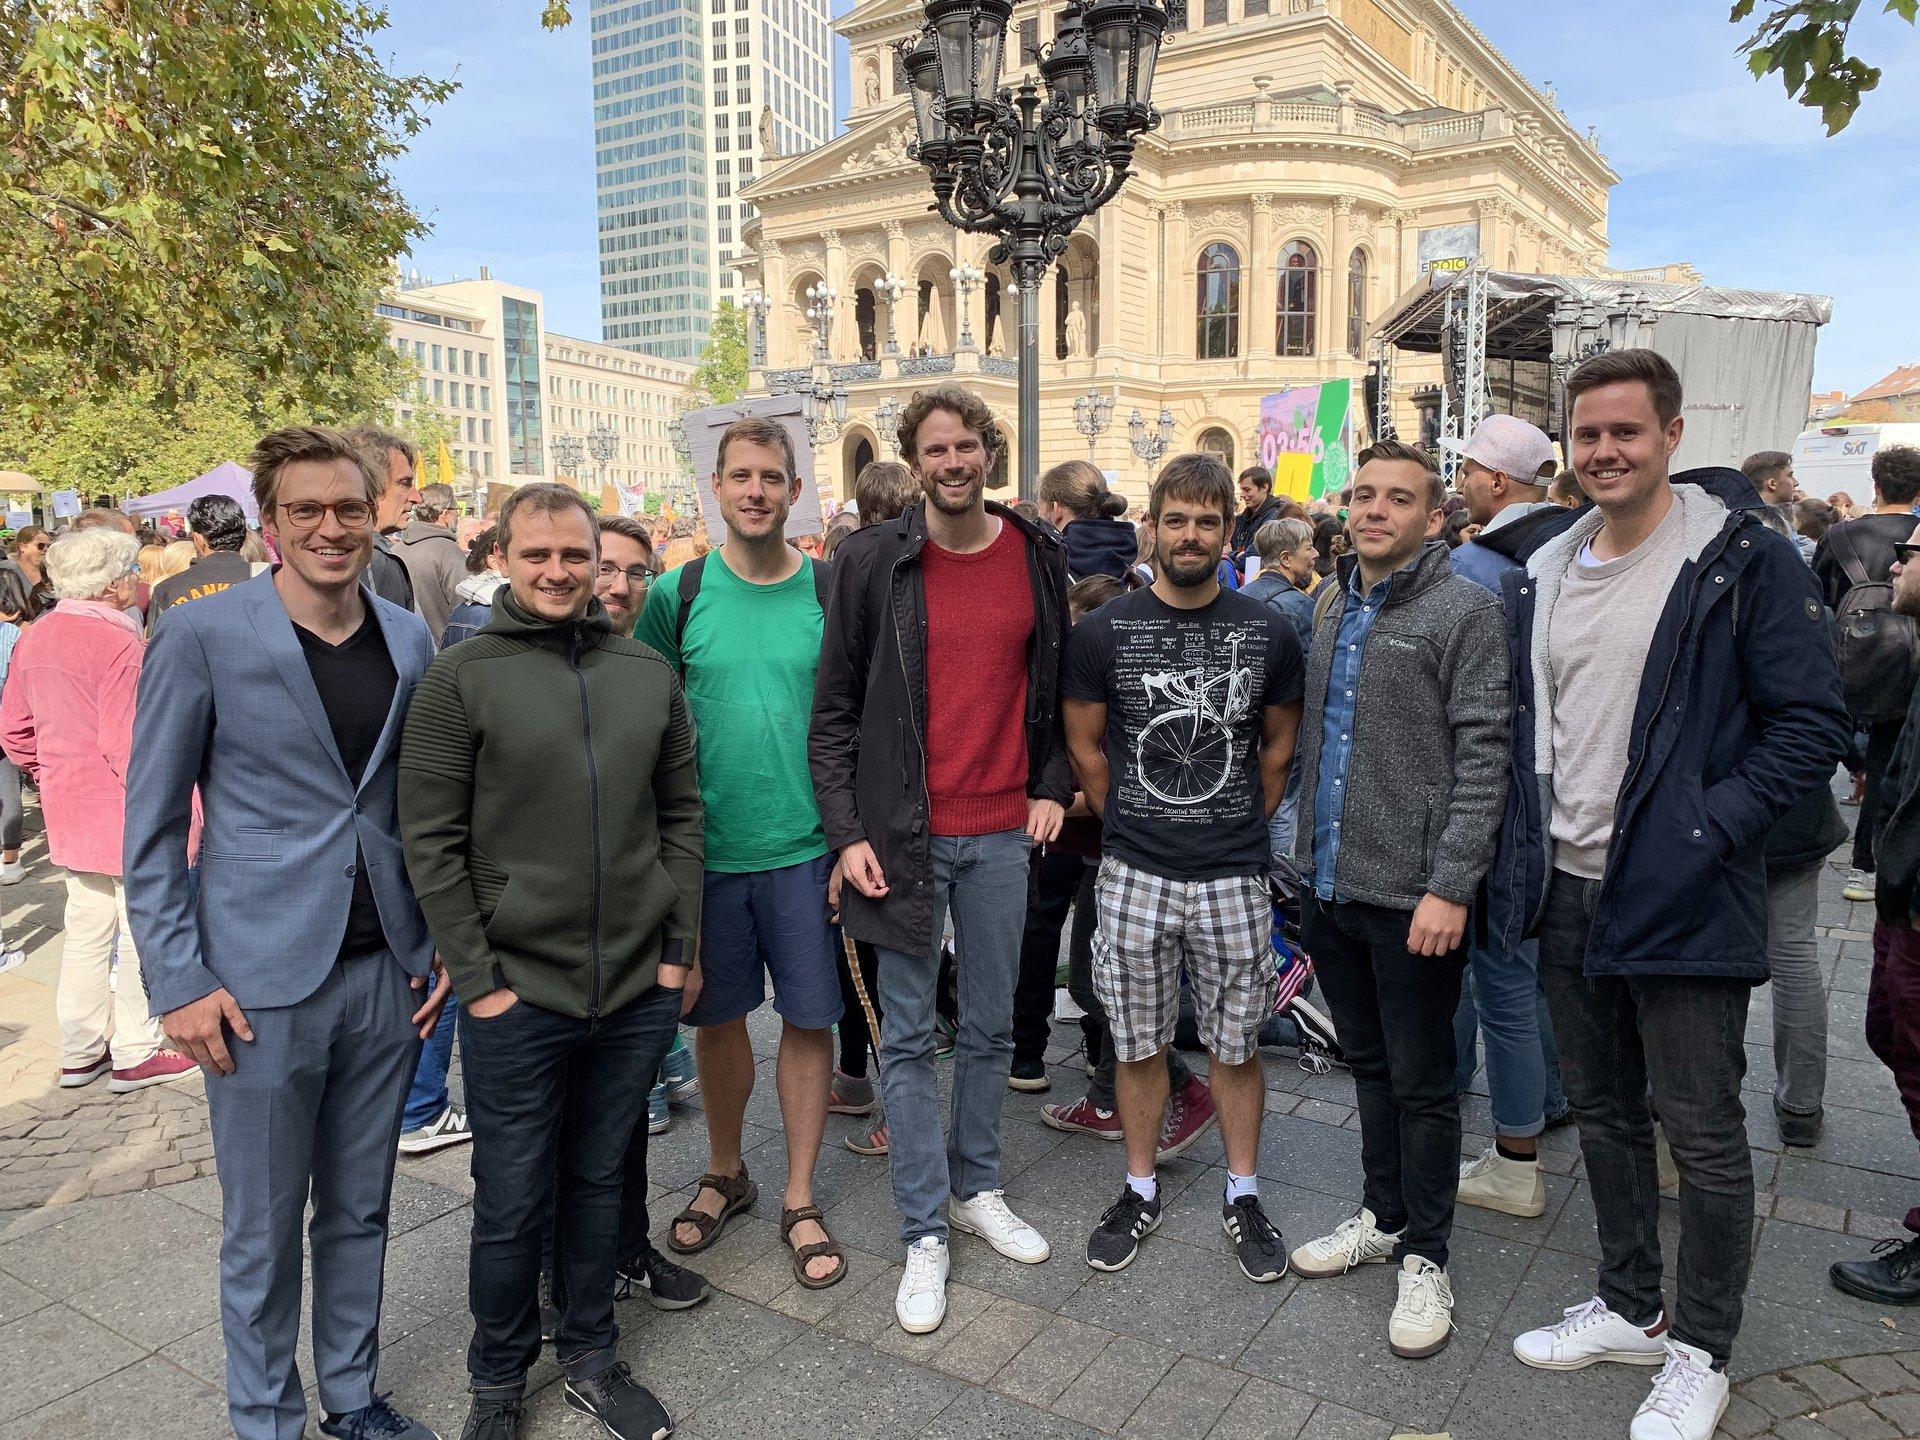 Das Team von node.energy um Gründer Matthias Karger (Mitte) vor der Alten Oper in Frankfurt.